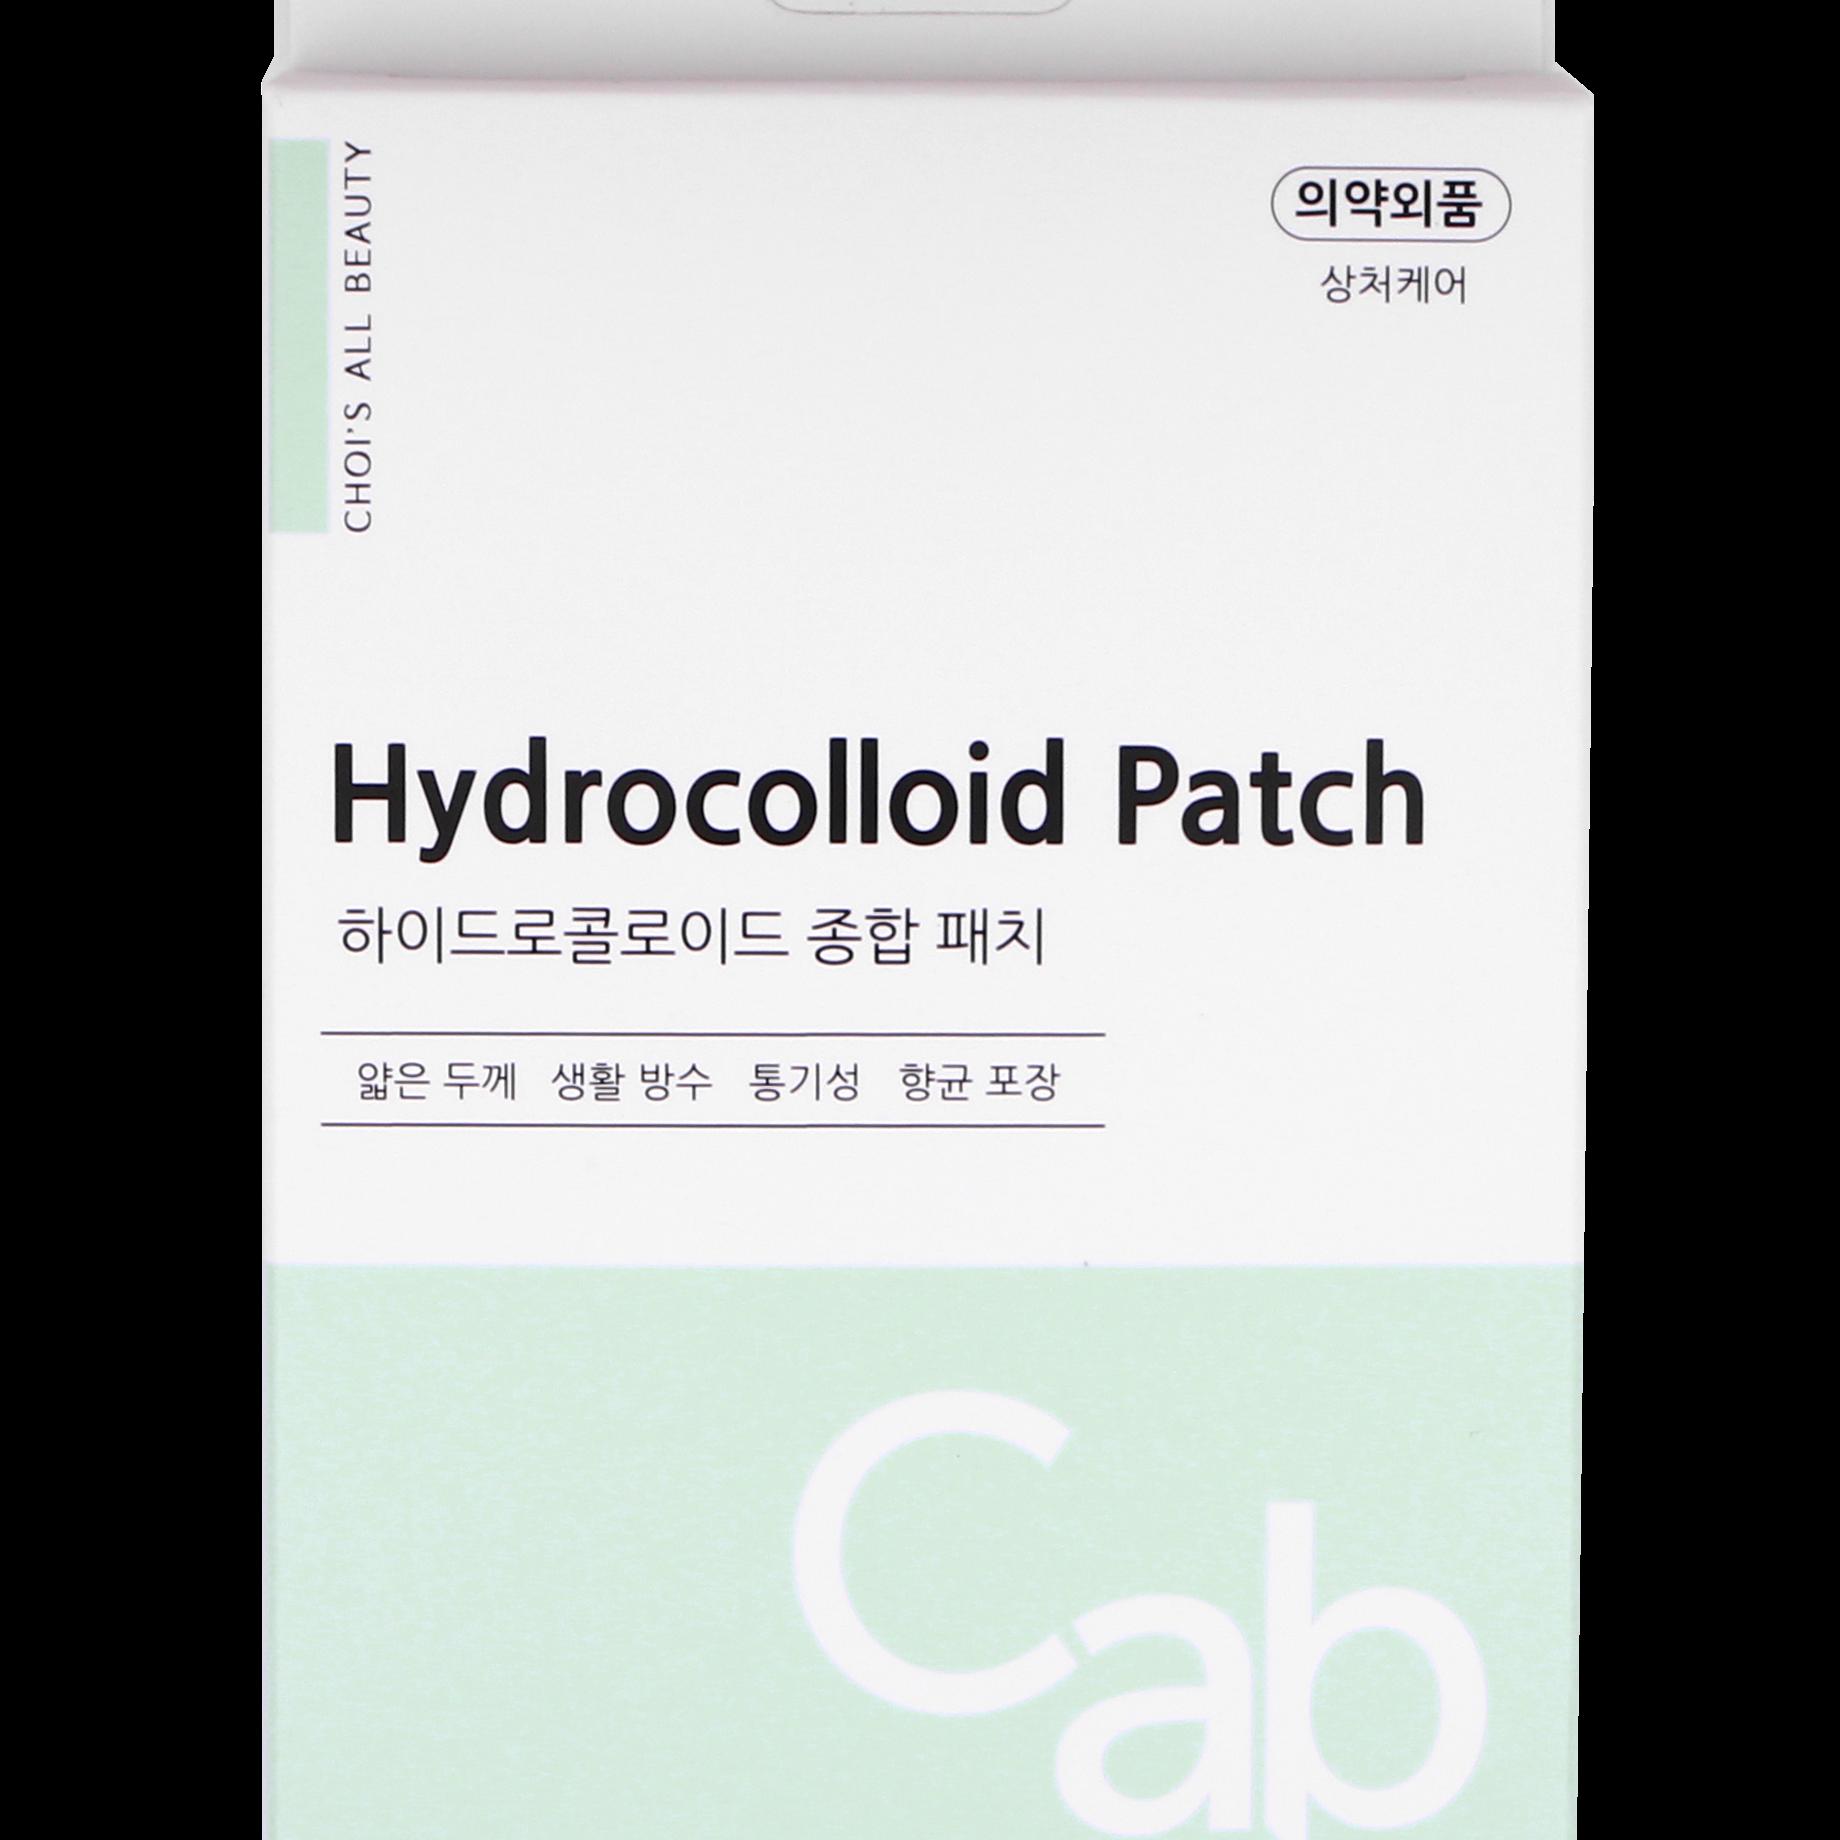 바이초이 여드름패치 하이드로콜로이드 스팟패치 의약외품 초밀착형 25p 1매, 100 p (25p x 4매) (POP 5649700838)